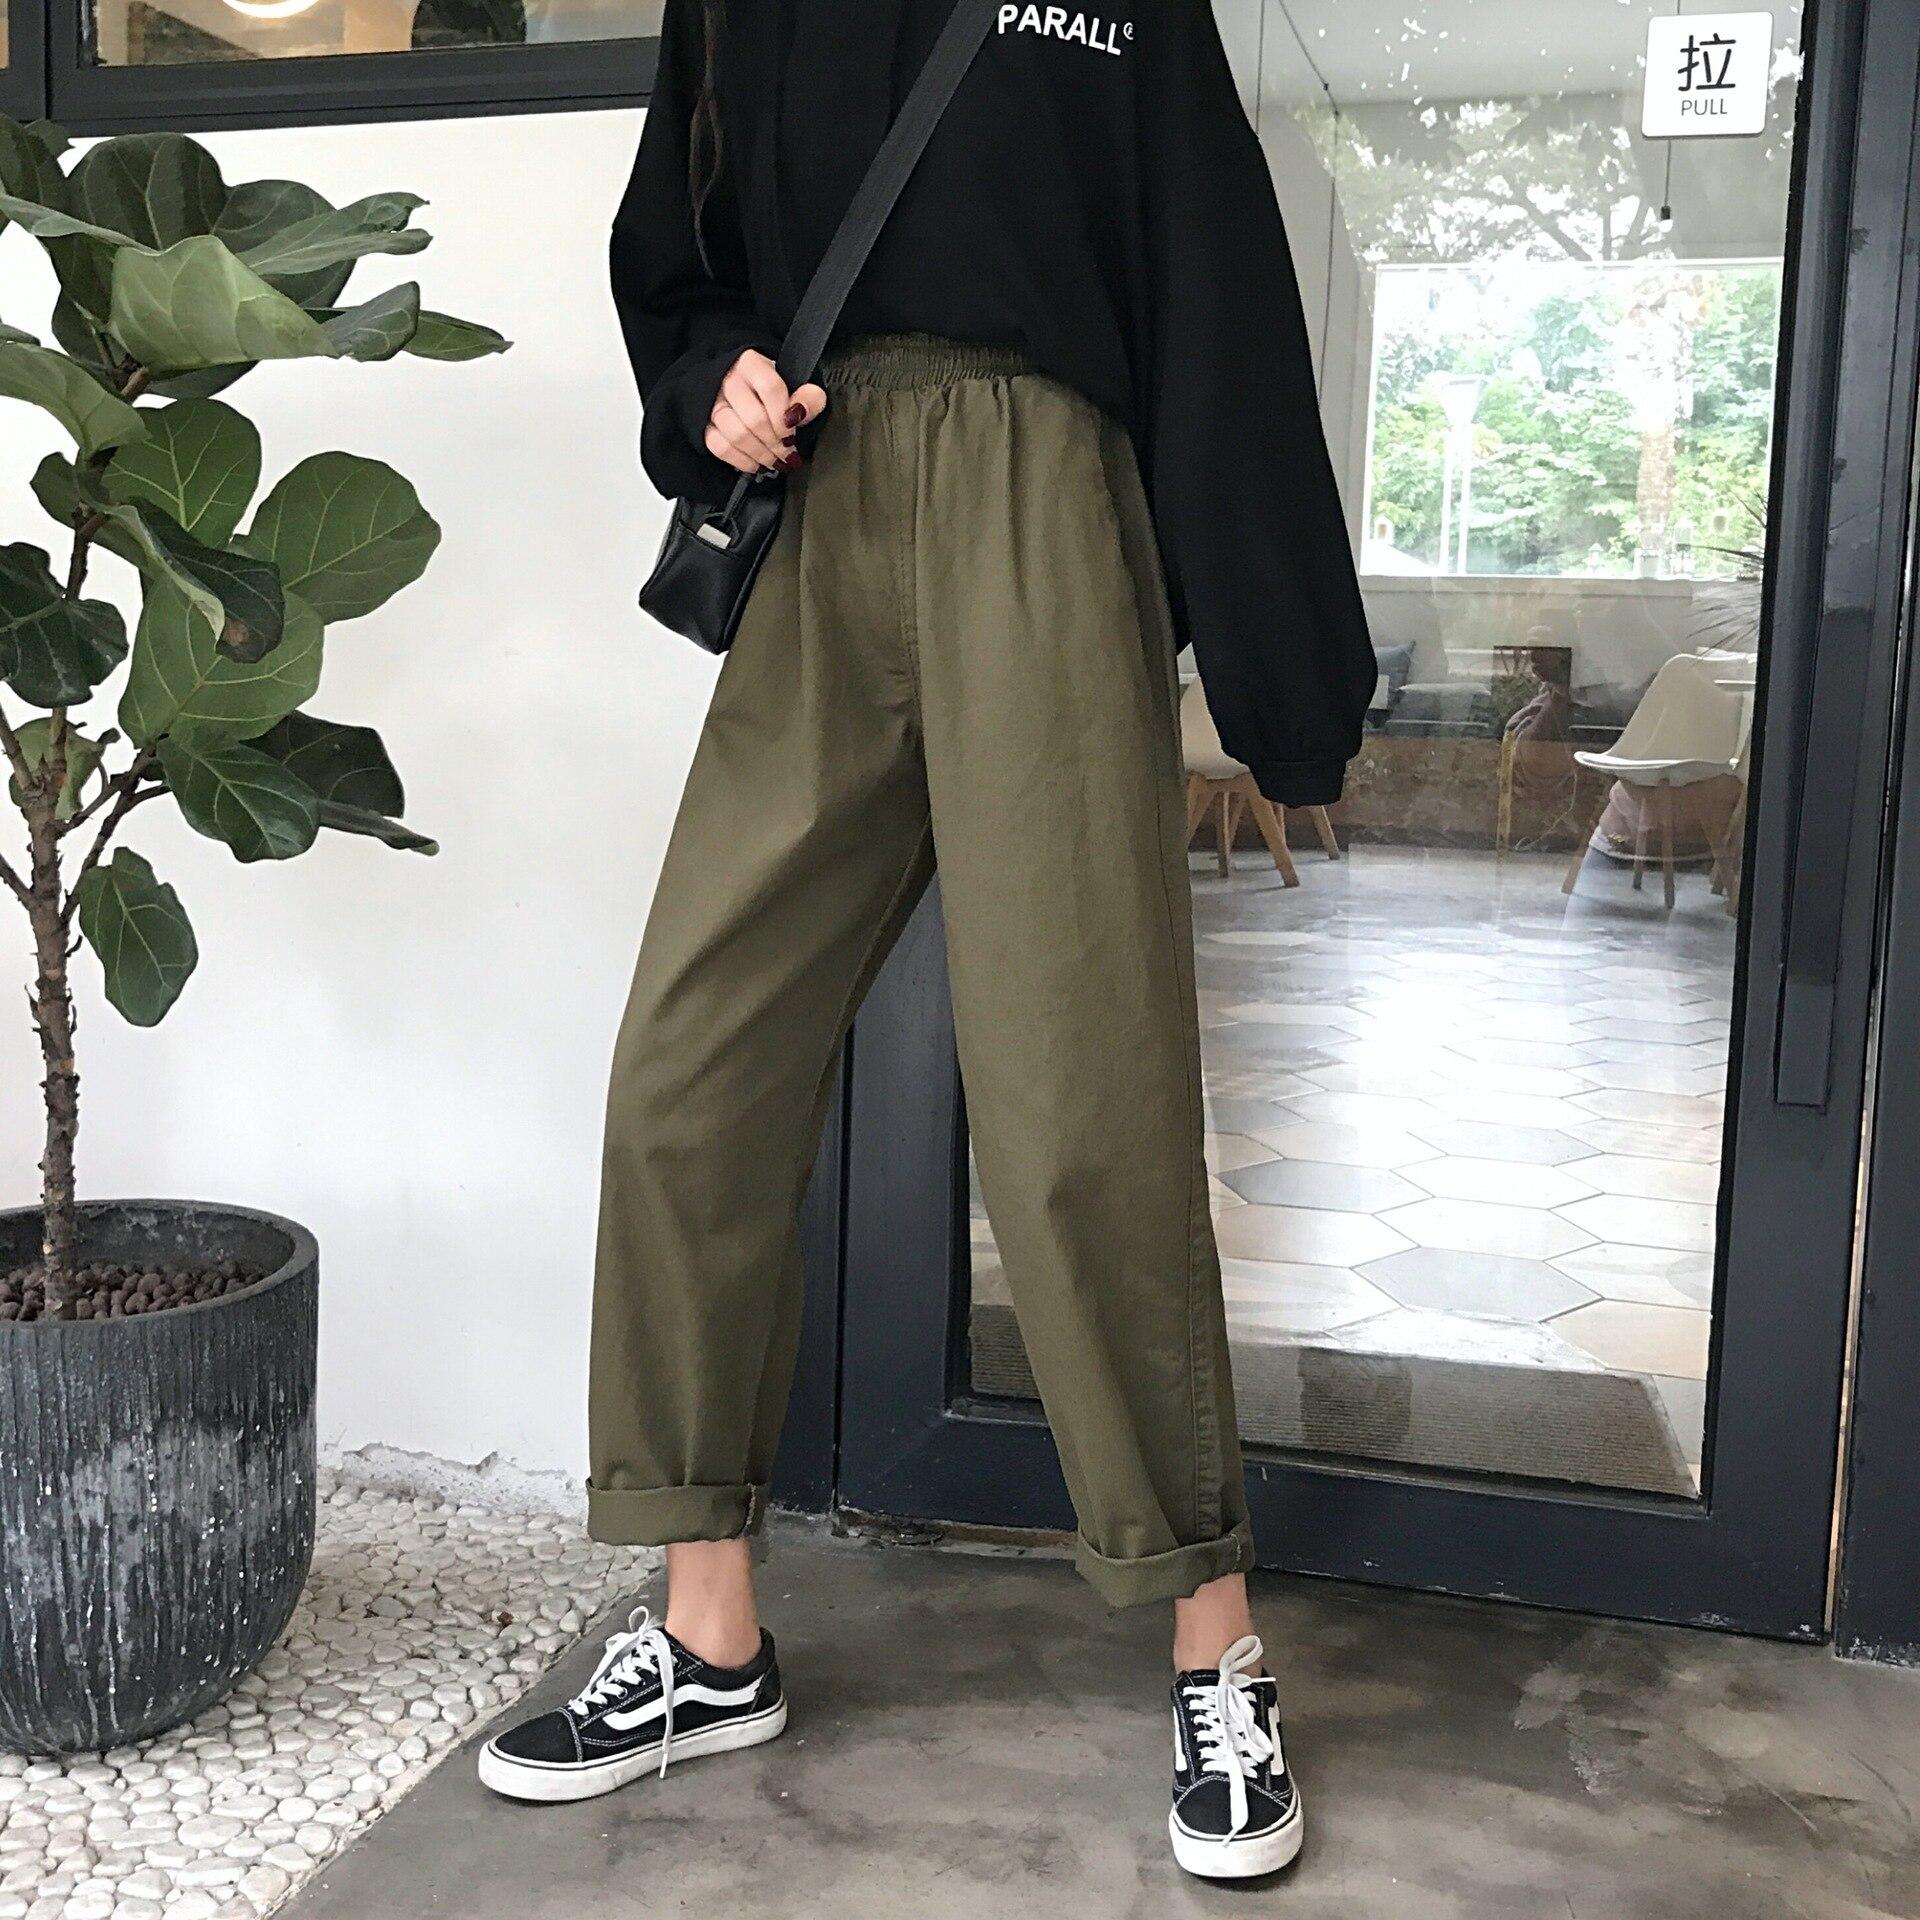 Straight Jeans Women High Waist Black Jeans Vintage Boyfriend Denim  Pants Femme 2020 Streetwear Loose Jeans